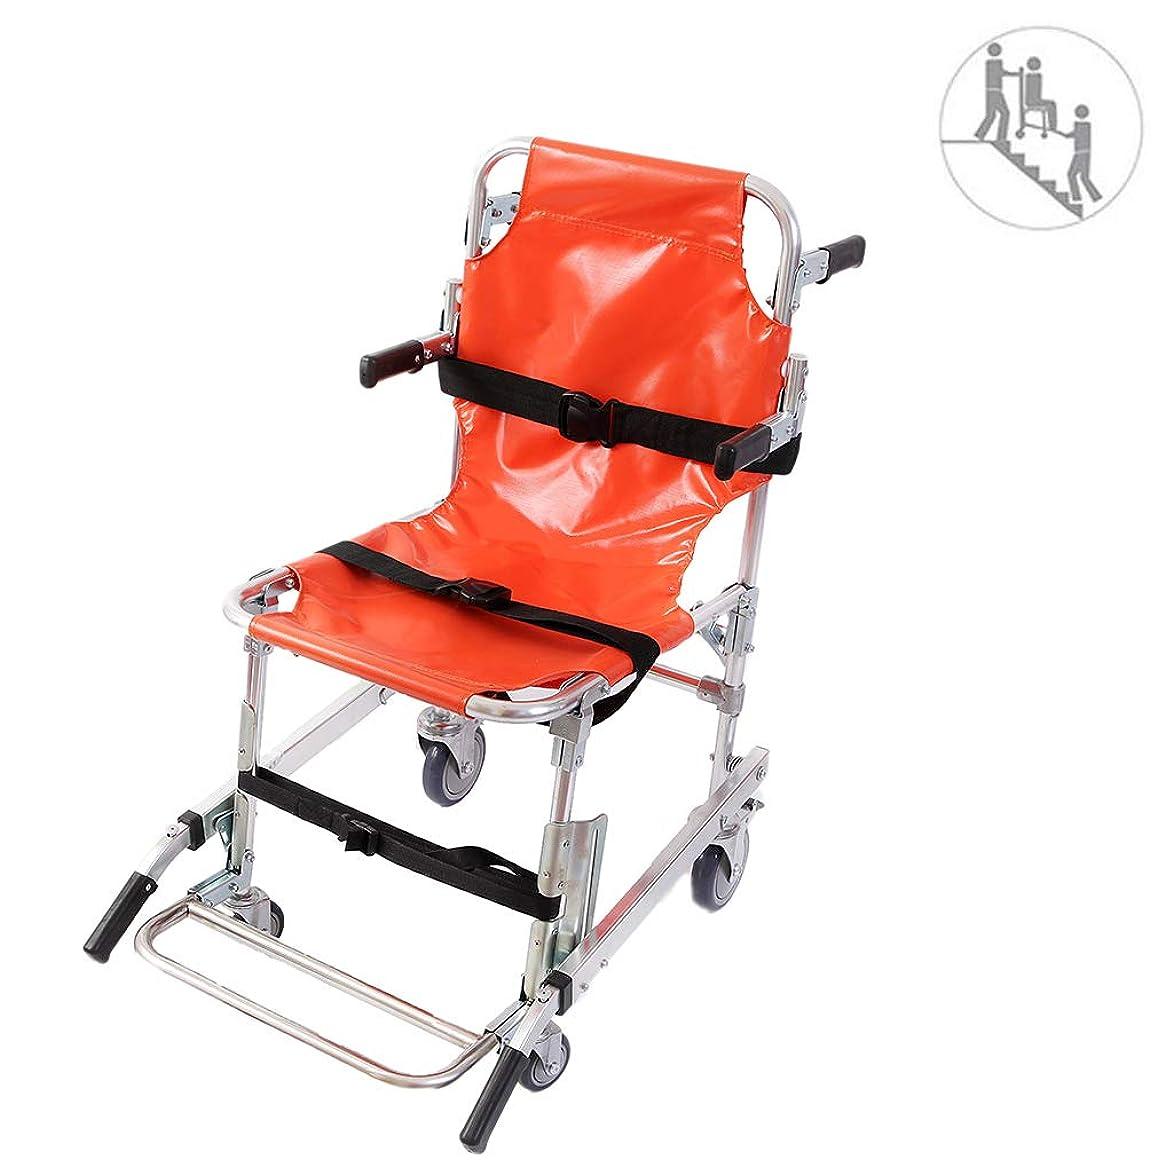 寺院武器よろめくEMS階段椅子4つの車輪で、救急車避難医療輸送椅子患者拘束ストラップ付き350ポンドの容量